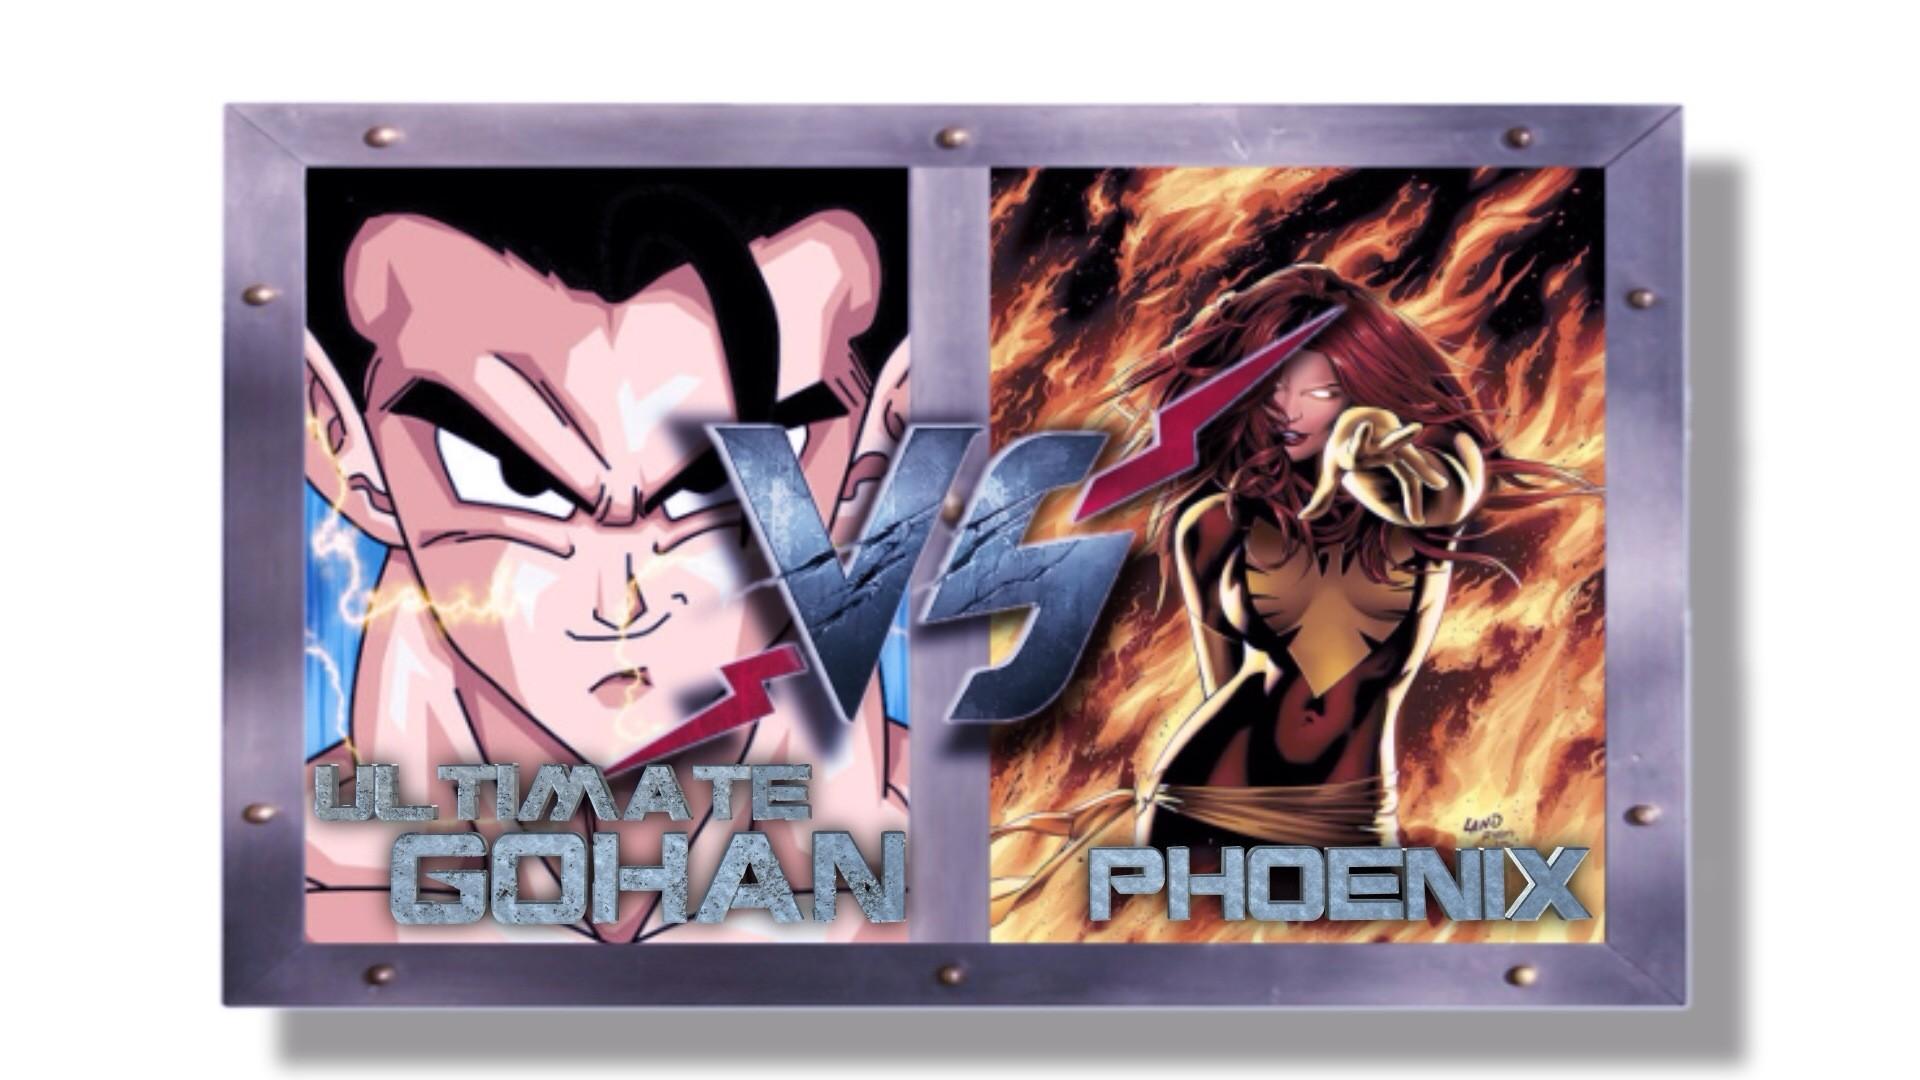 Res: 1920x1080, ultimate gohan vs phoenix marvel vs. dbz